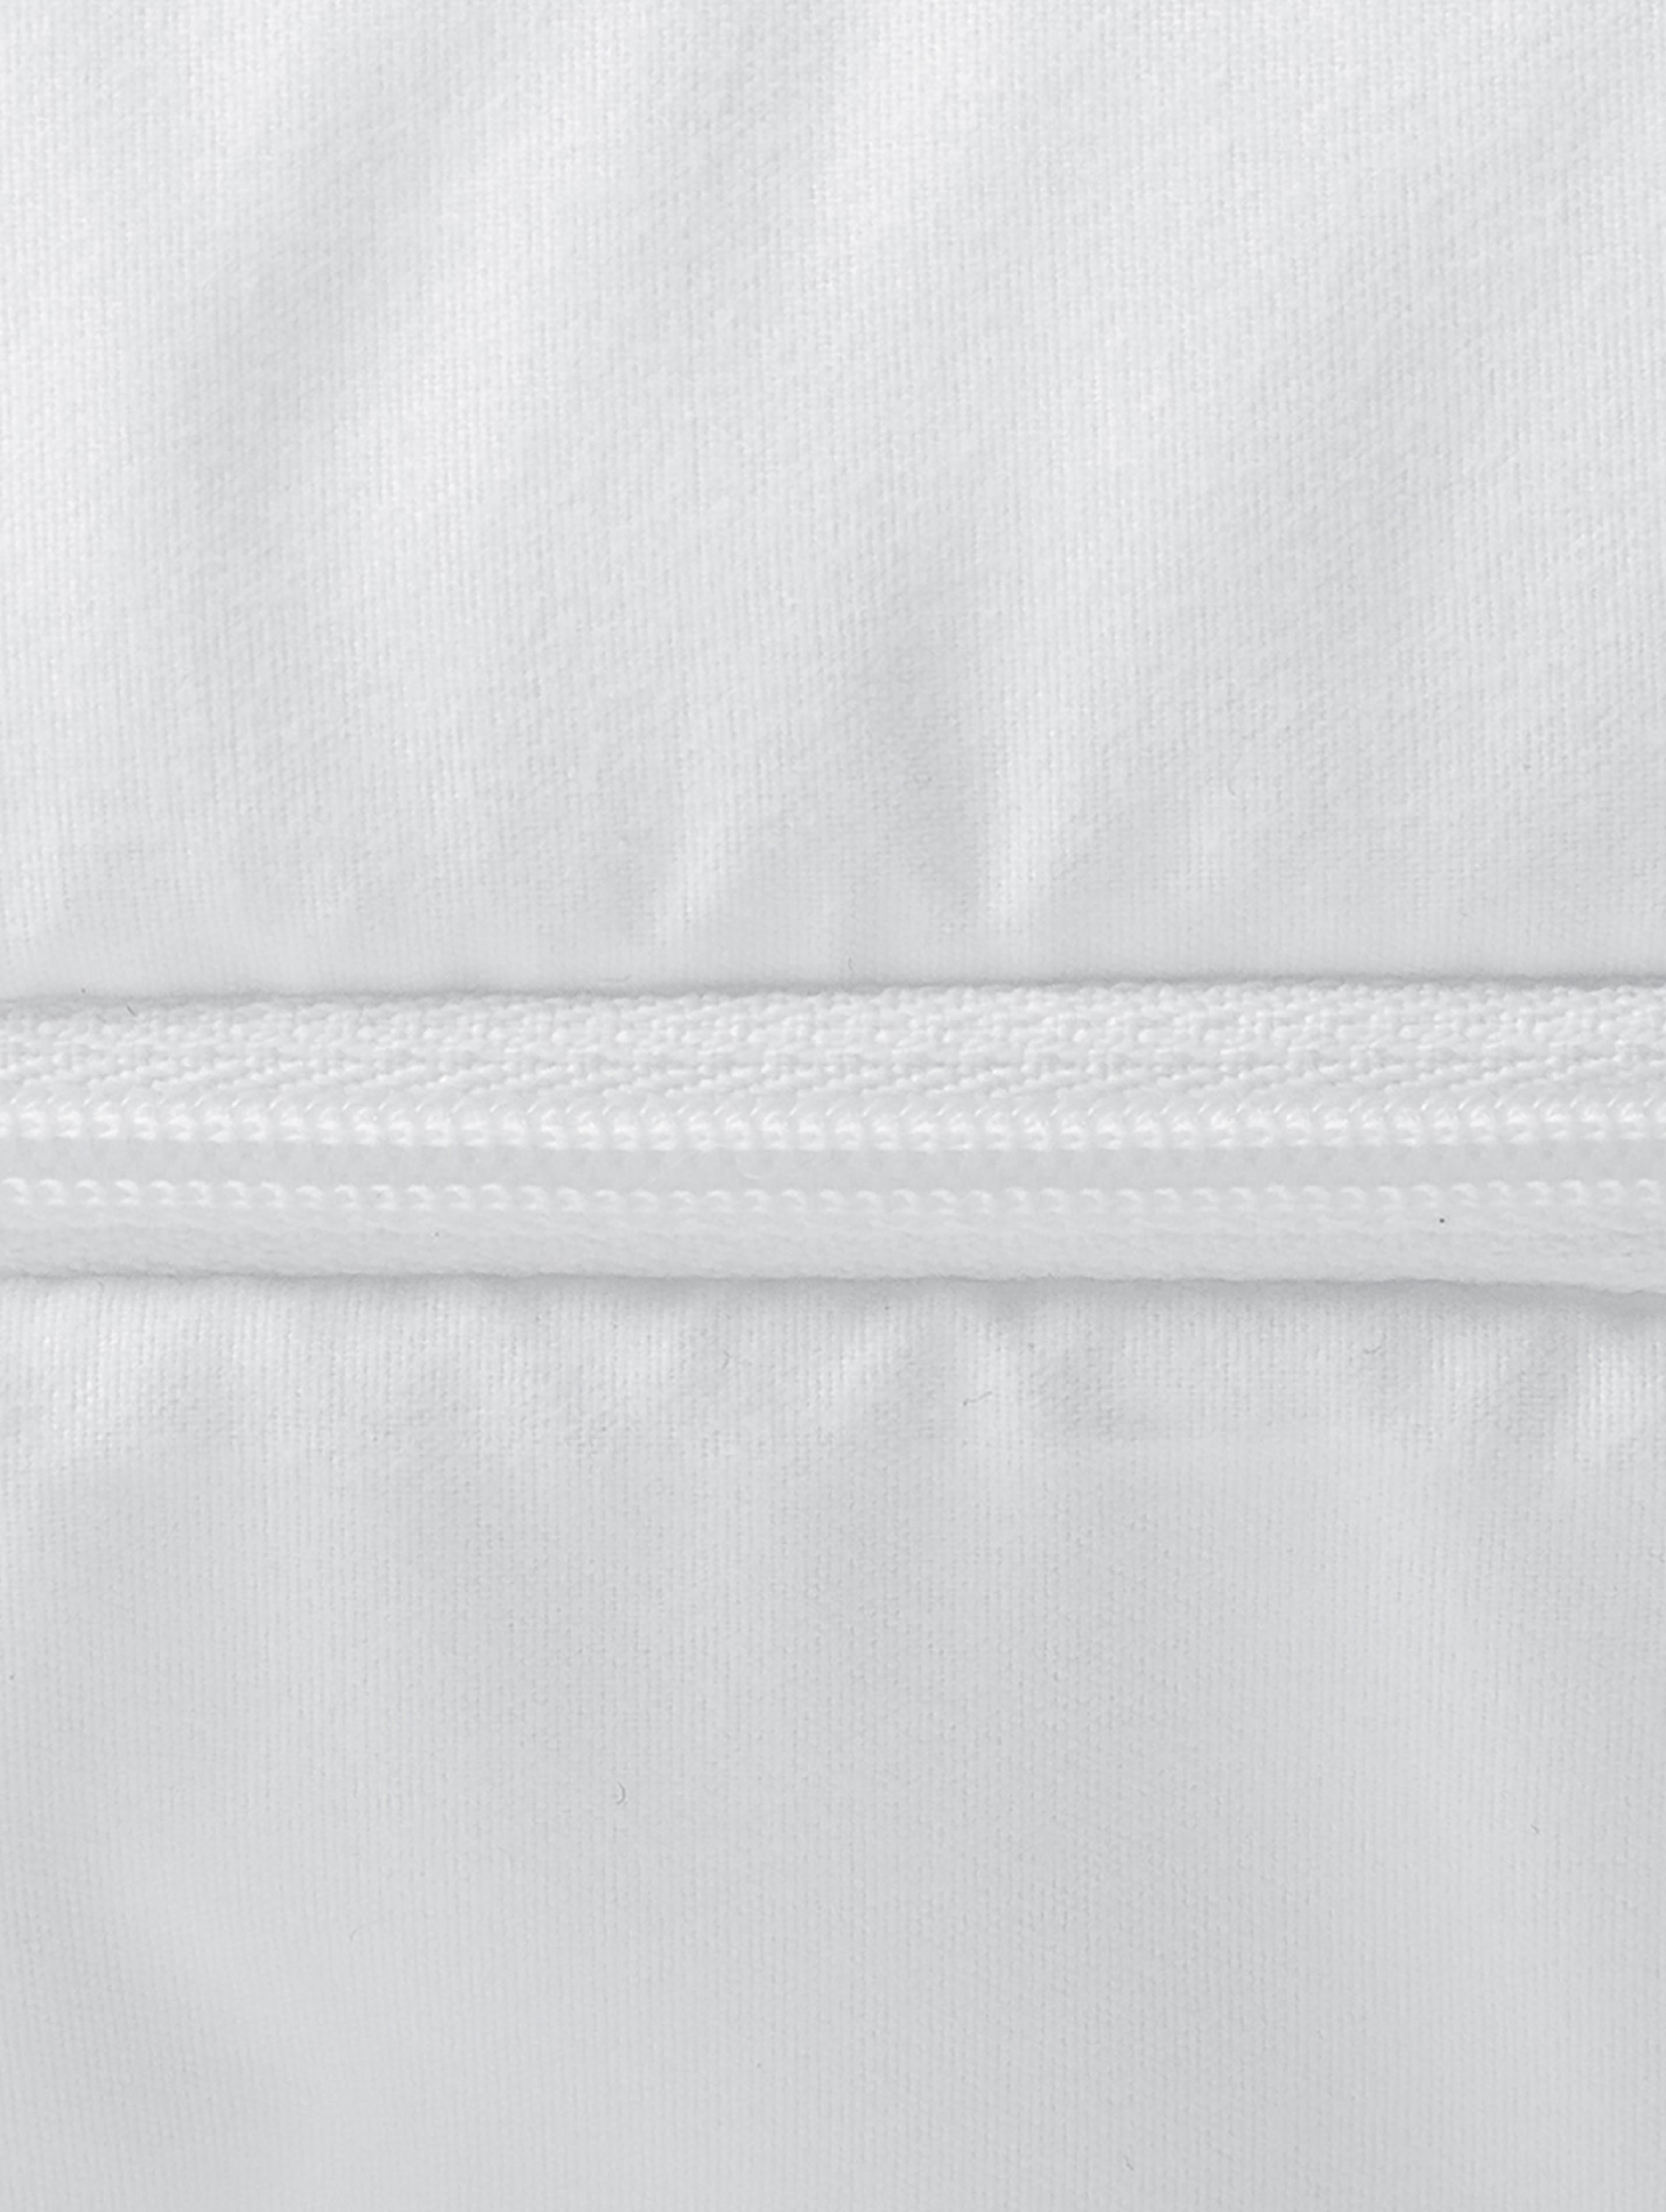 Microfaser-Kopfkissen, fest, Bezug: Microfaser mit Rautenstep, Weiß, 80 x 80 cm